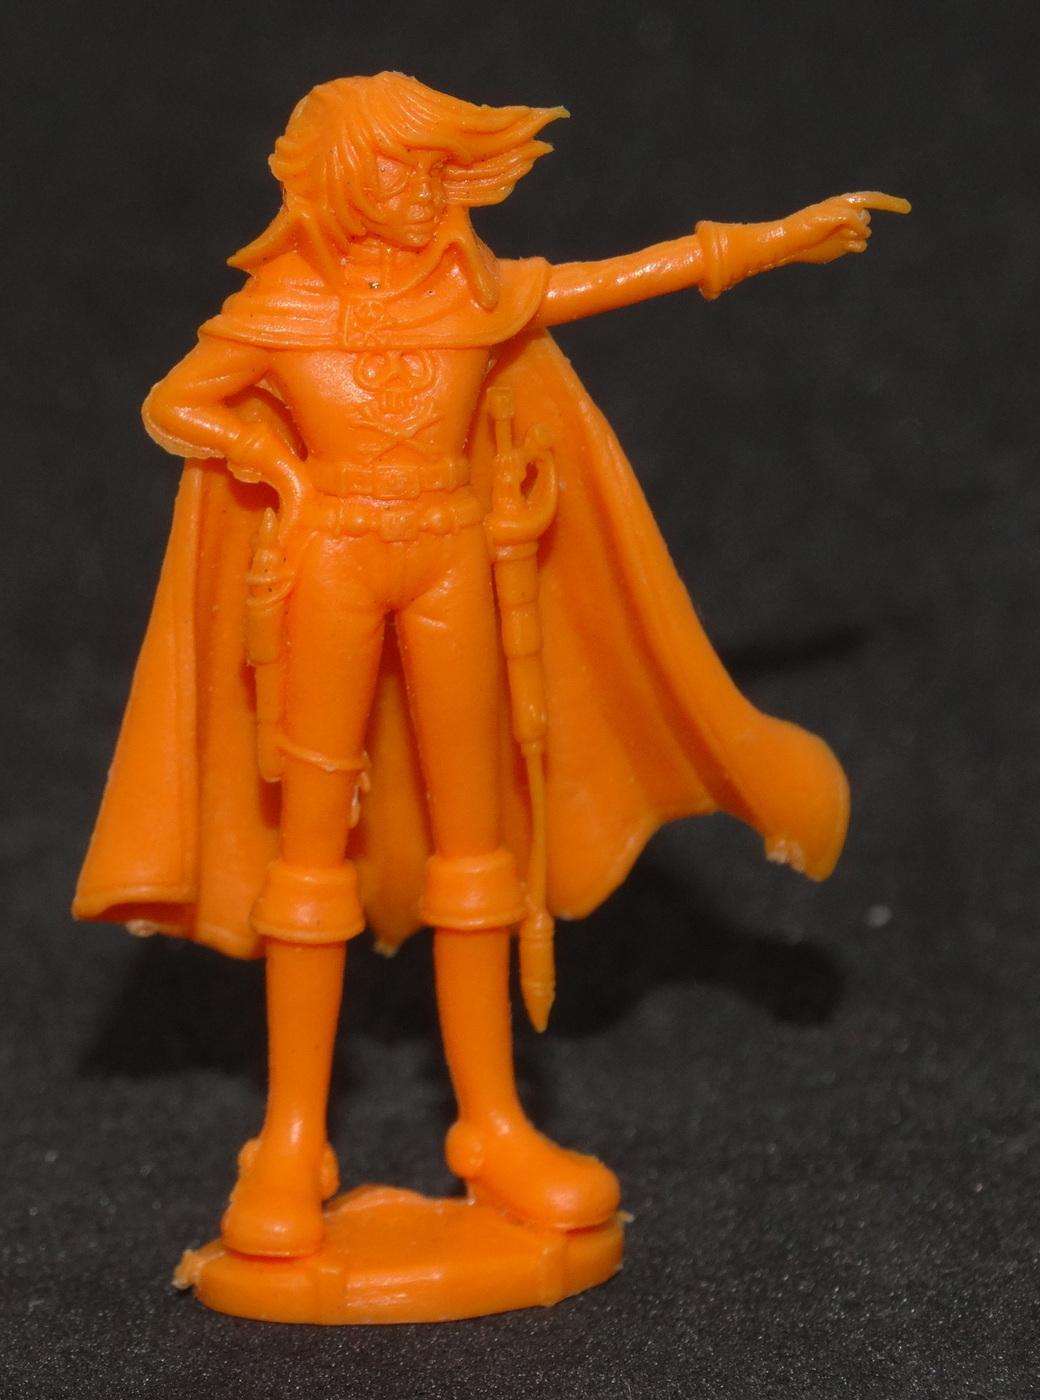 Space Orange4